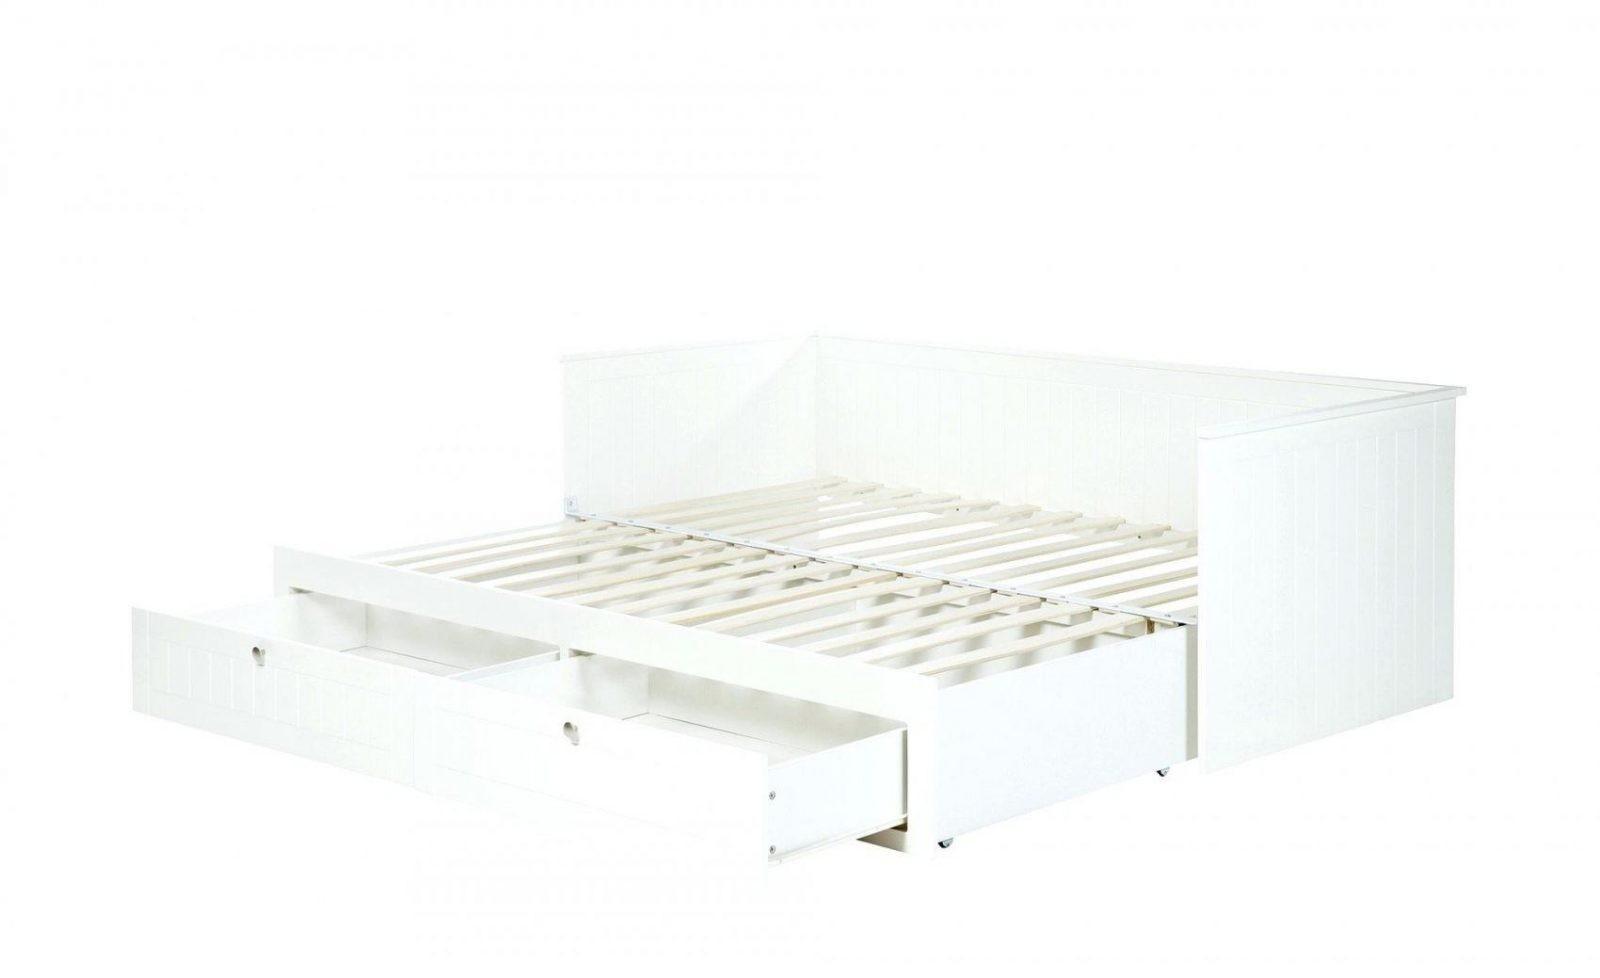 39 Finest Sammlung Bezieht Sich Auf Bett Ausziehbar Gleiche Höhe von Bett Ausziehbar Gleiche Höhe Bild